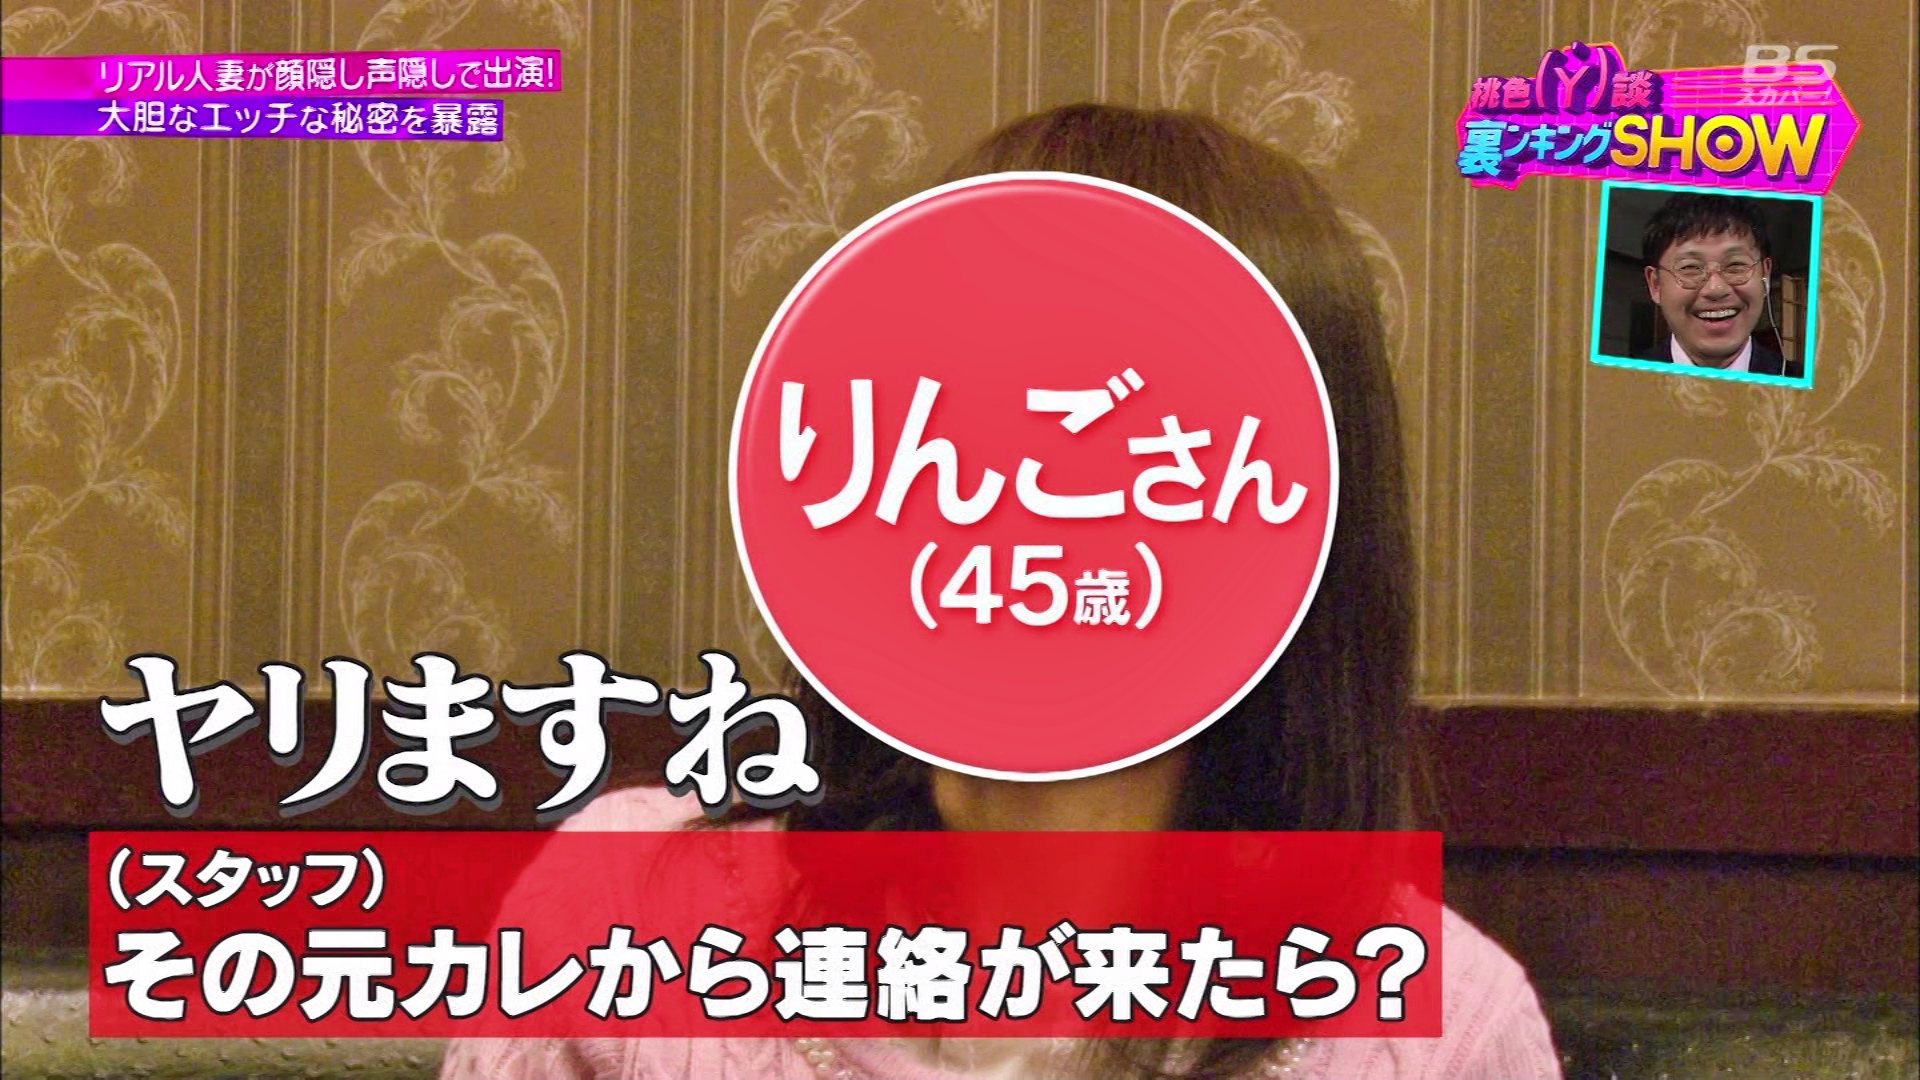 BSスカパー!「桃色Y談 裏ンキングSHOW」♯9「人妻のリアルな秘密」のテレビキャプチャー画像-066